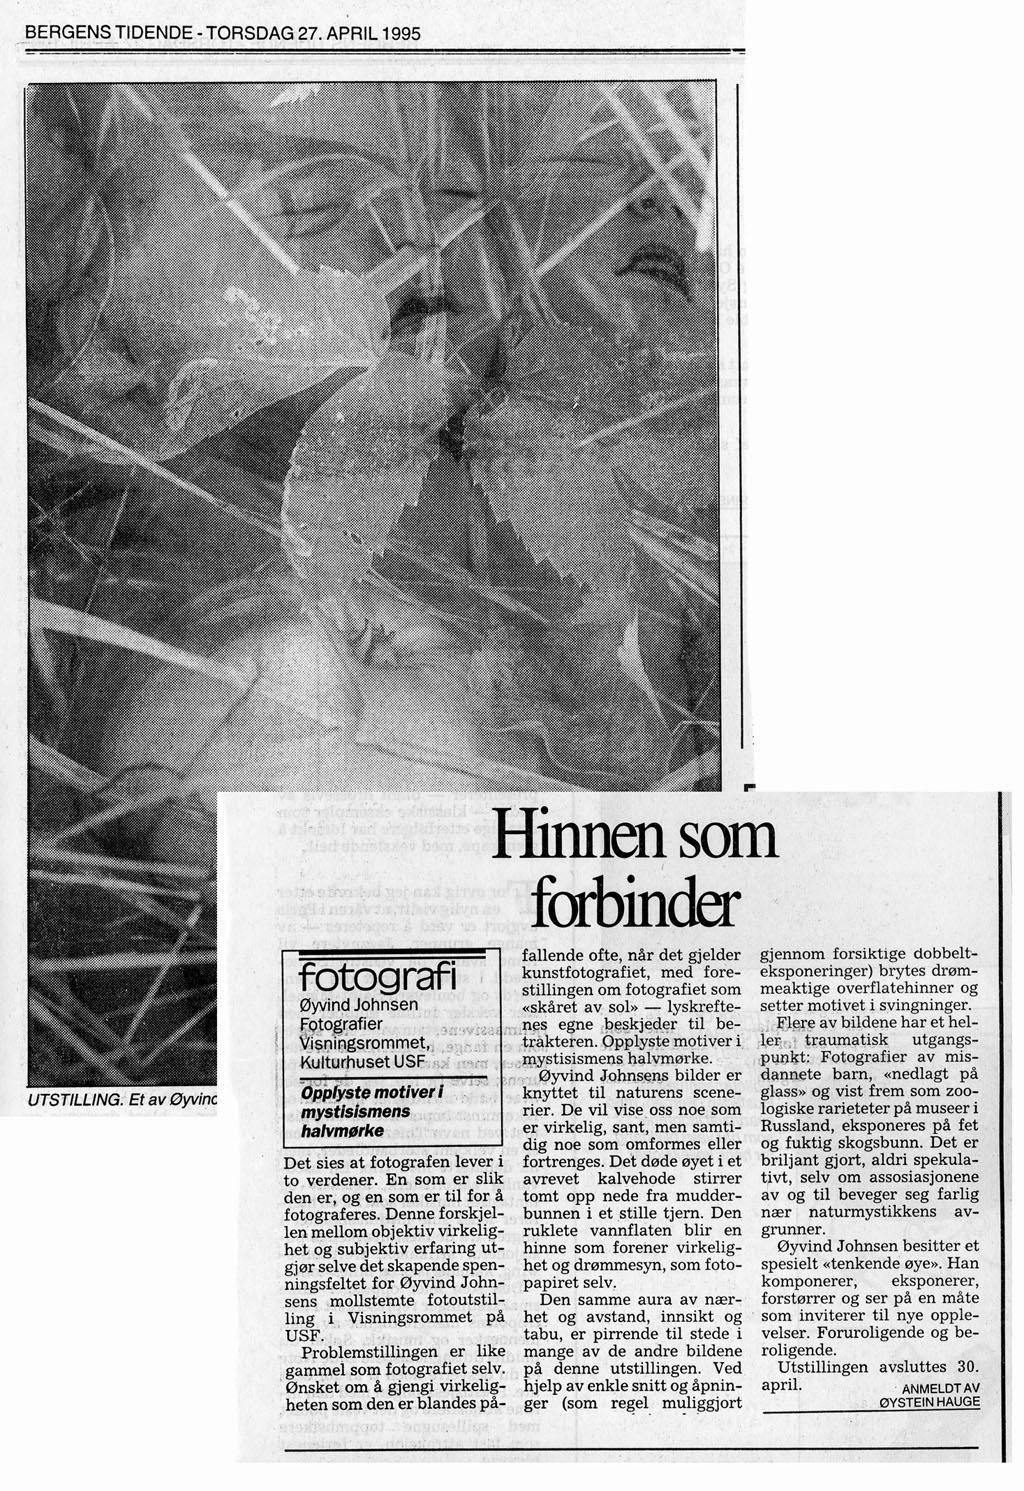 000ny 1995-exhibition-criticism-BT-1